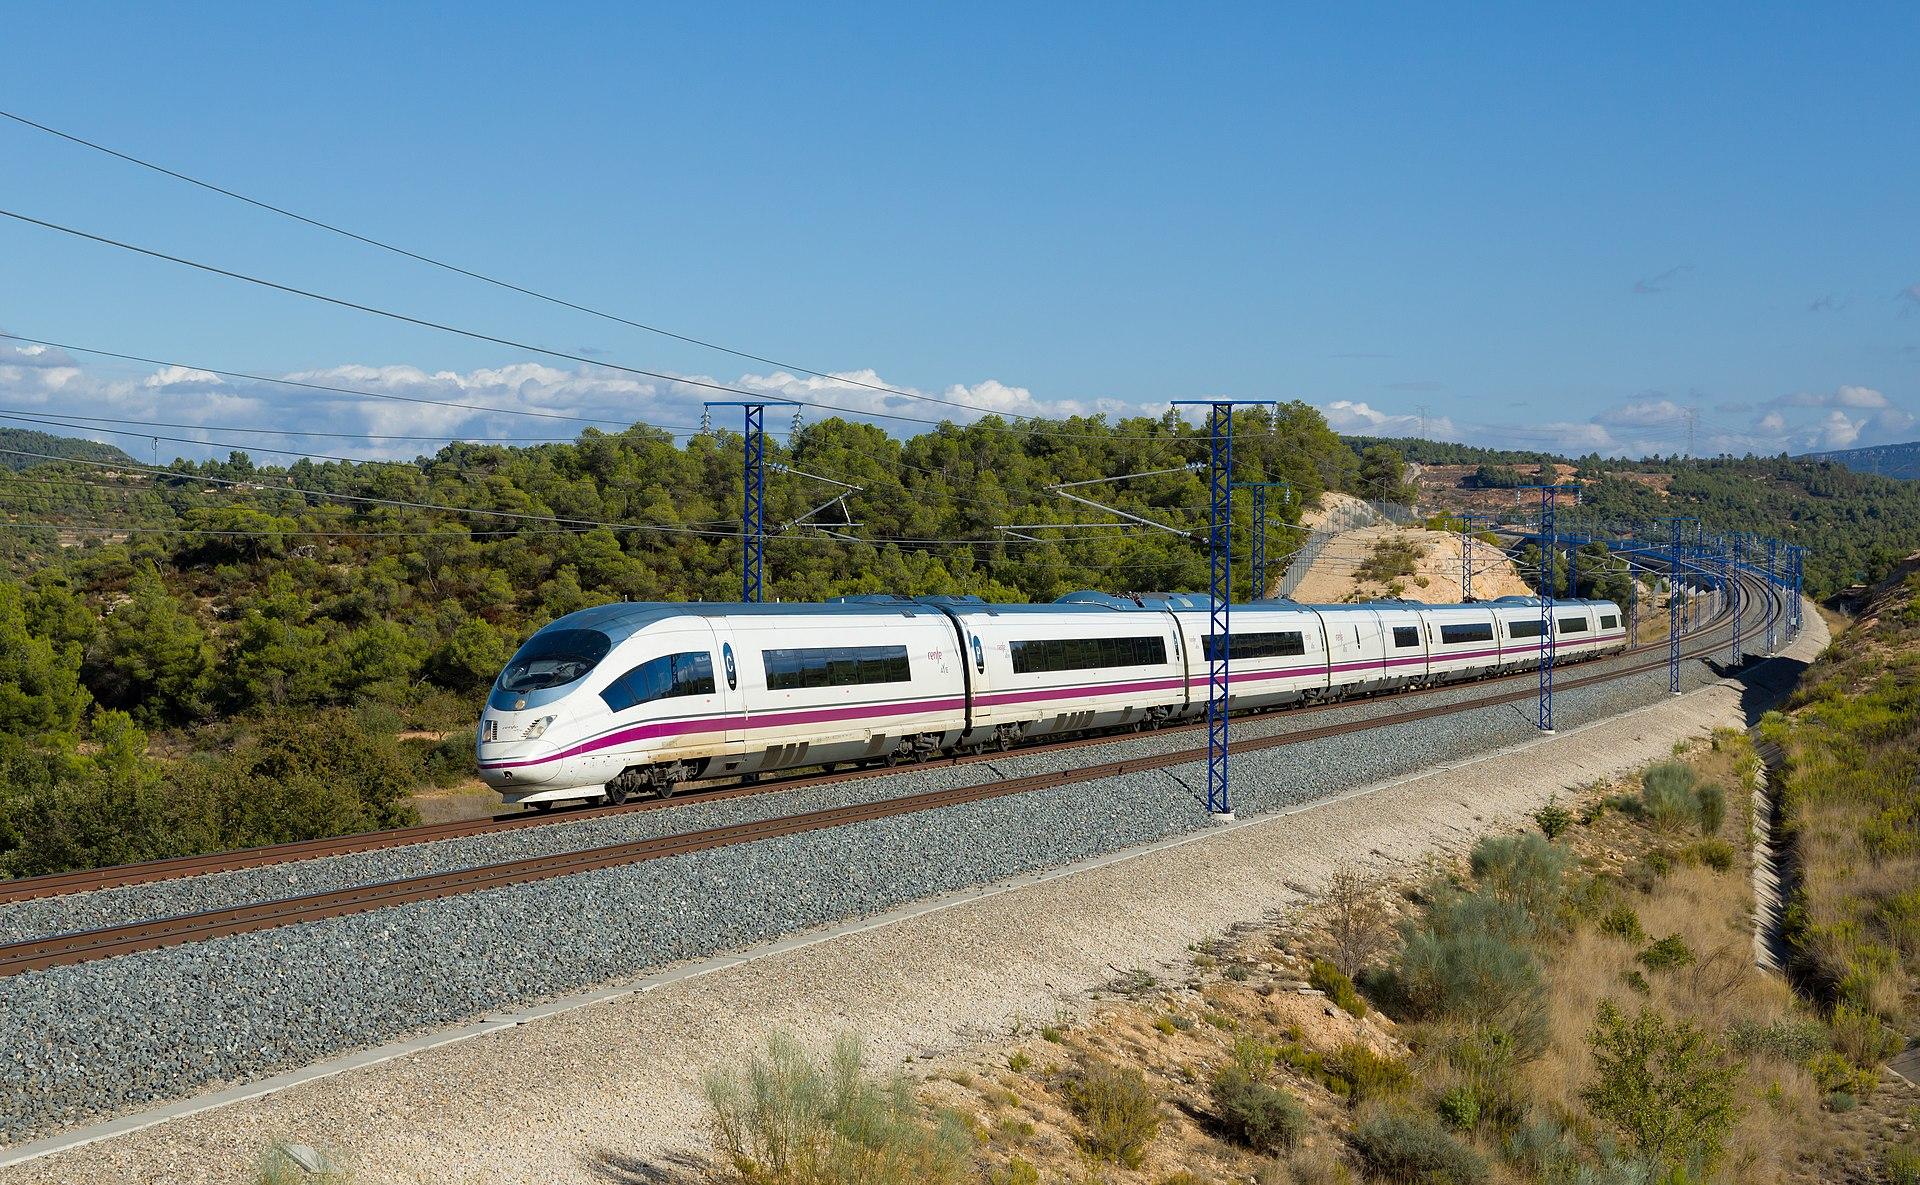 L nea de alta velocidad madrid zaragoza barcelona frontera for Oficinas de renfe en madrid